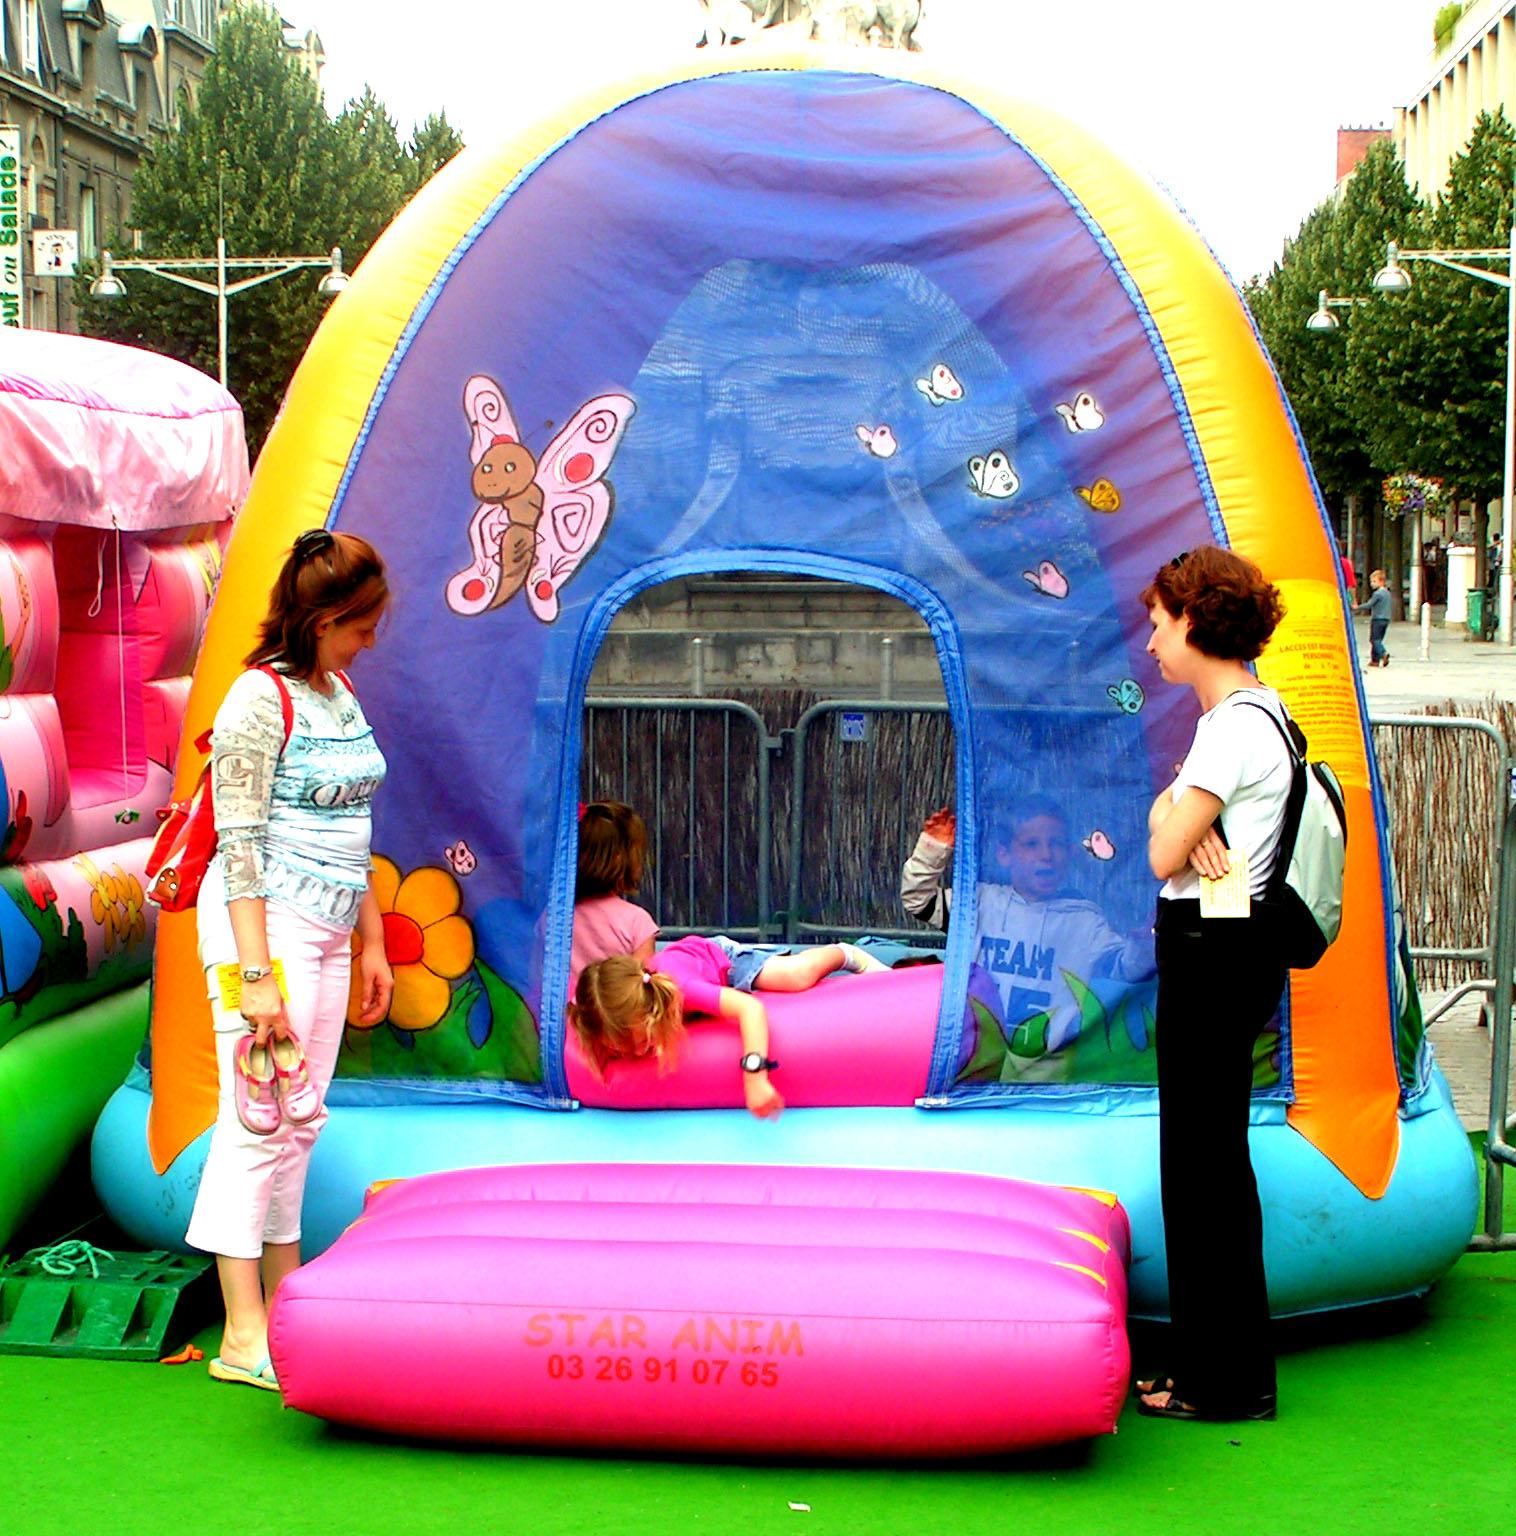 #C70451 Chateau Gonflable Bain De Boules Location De Jeux  5439 decorations de noel gonflables 1516x1536 px @ aertt.com